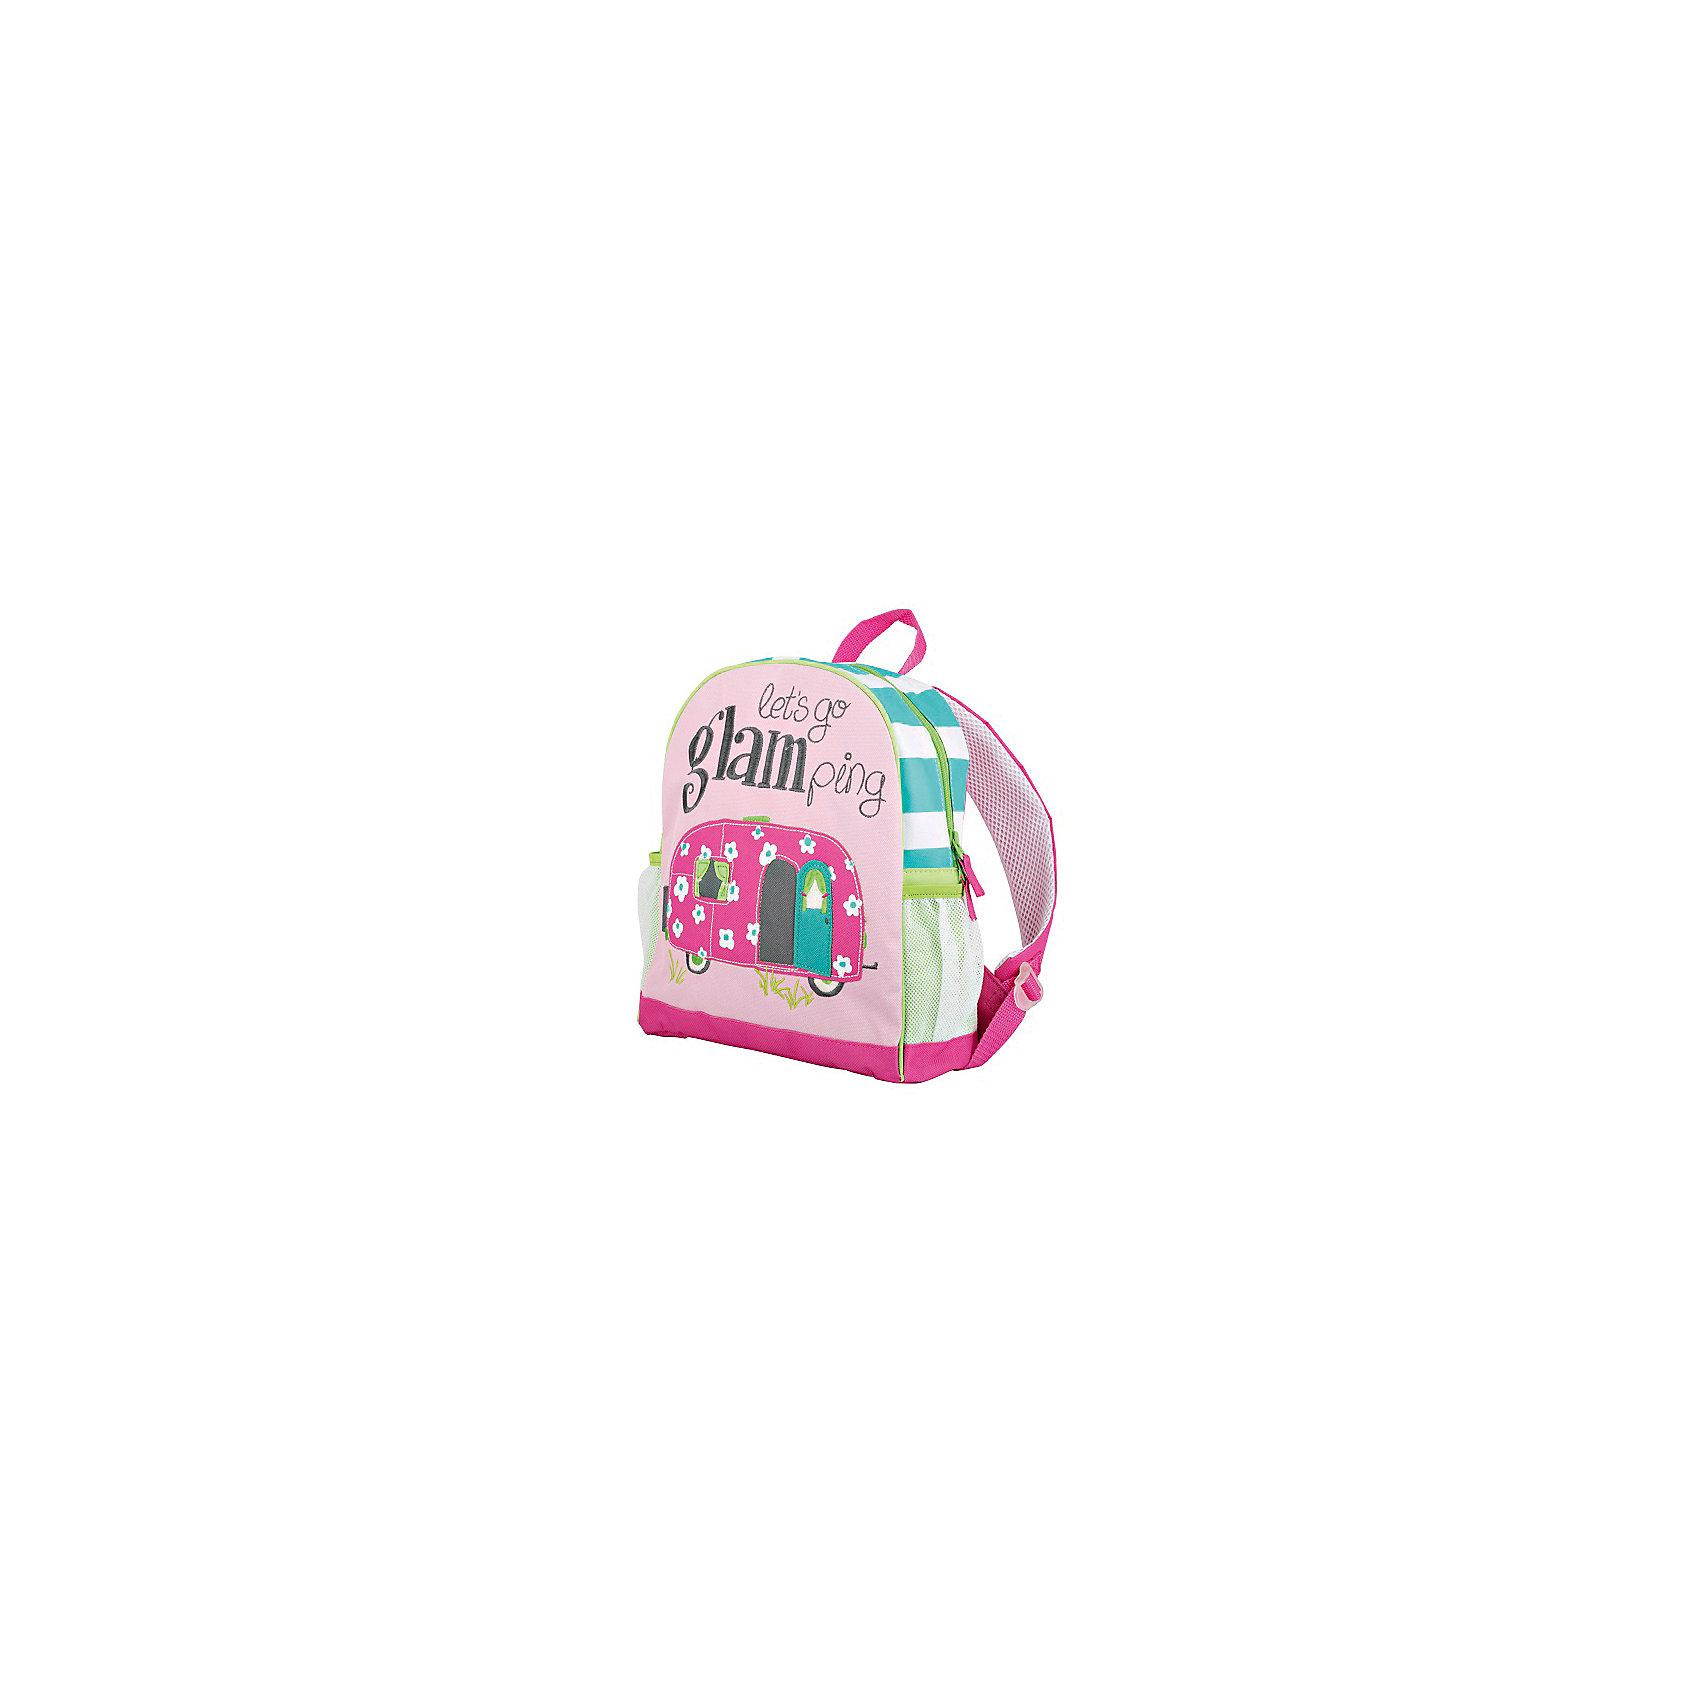 Рюкзак для девочки HatleyРюкзак Hatley<br><br>Характеристики:<br><br>• Состав: 100% полиэстер<br>• Цвет: розовый<br>• Размер (ШхГхВ): 25,5х9х30,5<br><br>Красивый и стильный рюкзак с нашивкой в виде автобуса не оставит равнодушным ни одну принцессу. Кроме модного дизайна рюкзак очень вместительный. Основное отделение закрывается на молнию с бегунками с двух сторон. Рюкзак очень легкий, поэтому ребенок сможет носить в нем большое количество вещей. Ручки мягкие и регулируются по росту и размеру ребенка. Сбоку есть кармашки для бутылки с водой или других предметов.<br><br>Рюкзак Hatley можно купить в нашем интернет-магазине.<br><br>Ширина мм: 227<br>Глубина мм: 11<br>Высота мм: 226<br>Вес г: 350<br>Цвет: разноцветный<br>Возраст от месяцев: 24<br>Возраст до месяцев: 144<br>Пол: Женский<br>Возраст: Детский<br>Размер: one size<br>SKU: 5020966